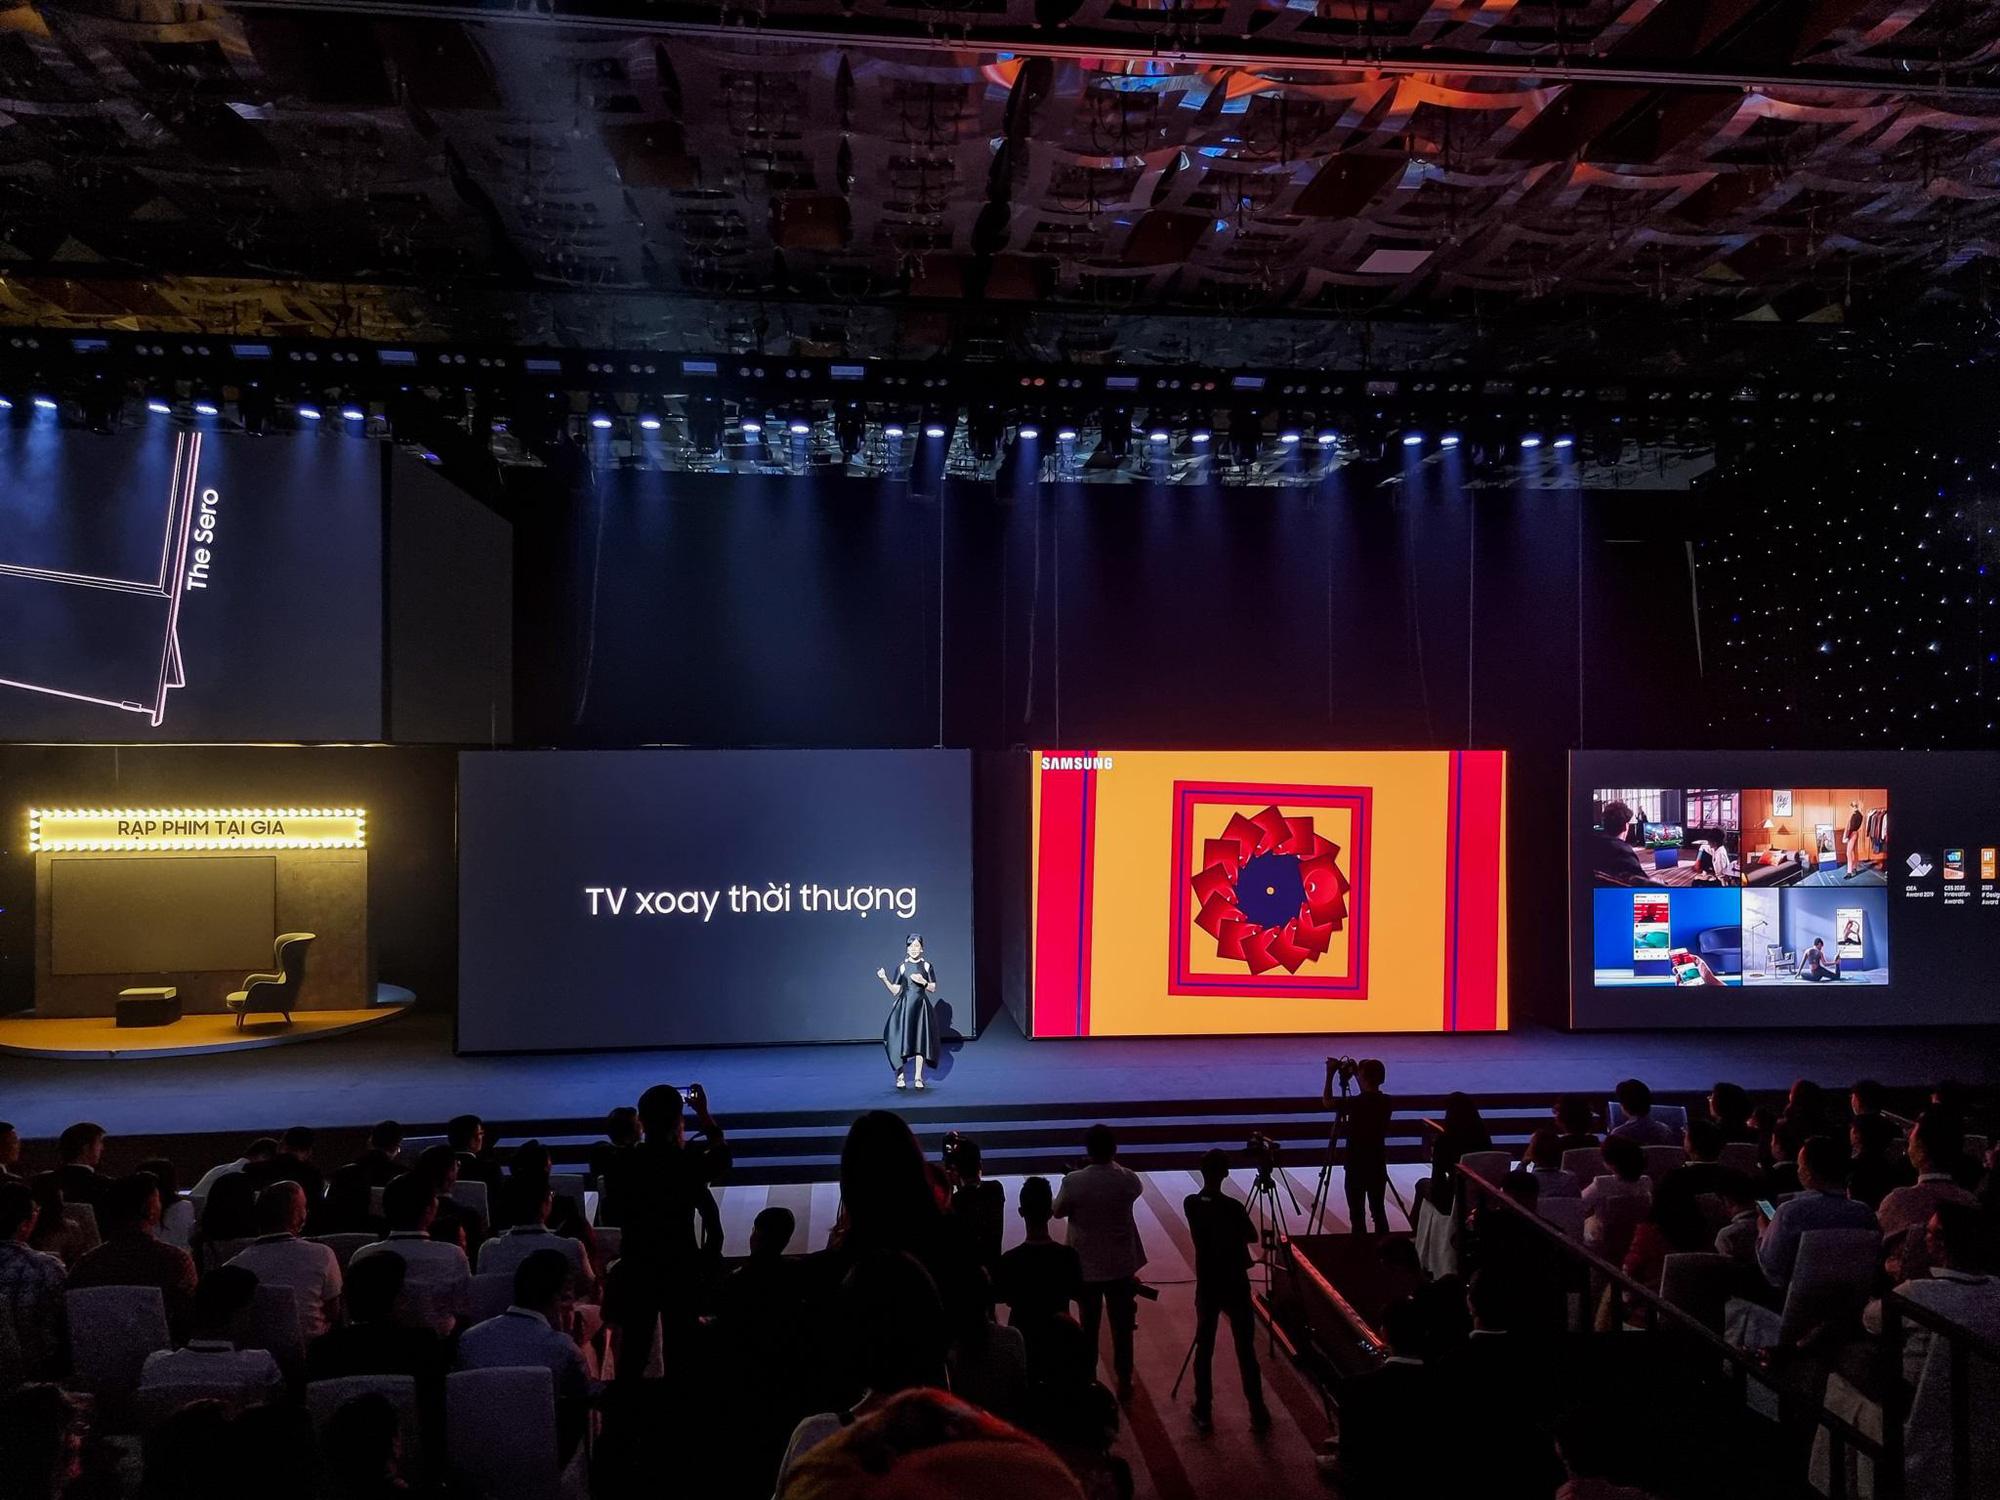 Mãn nhãn với hàng loạt thiết bị nhà thông minh tại sự kiện Tuyệt Tác Công Nghệ 2021 - Ảnh 7.